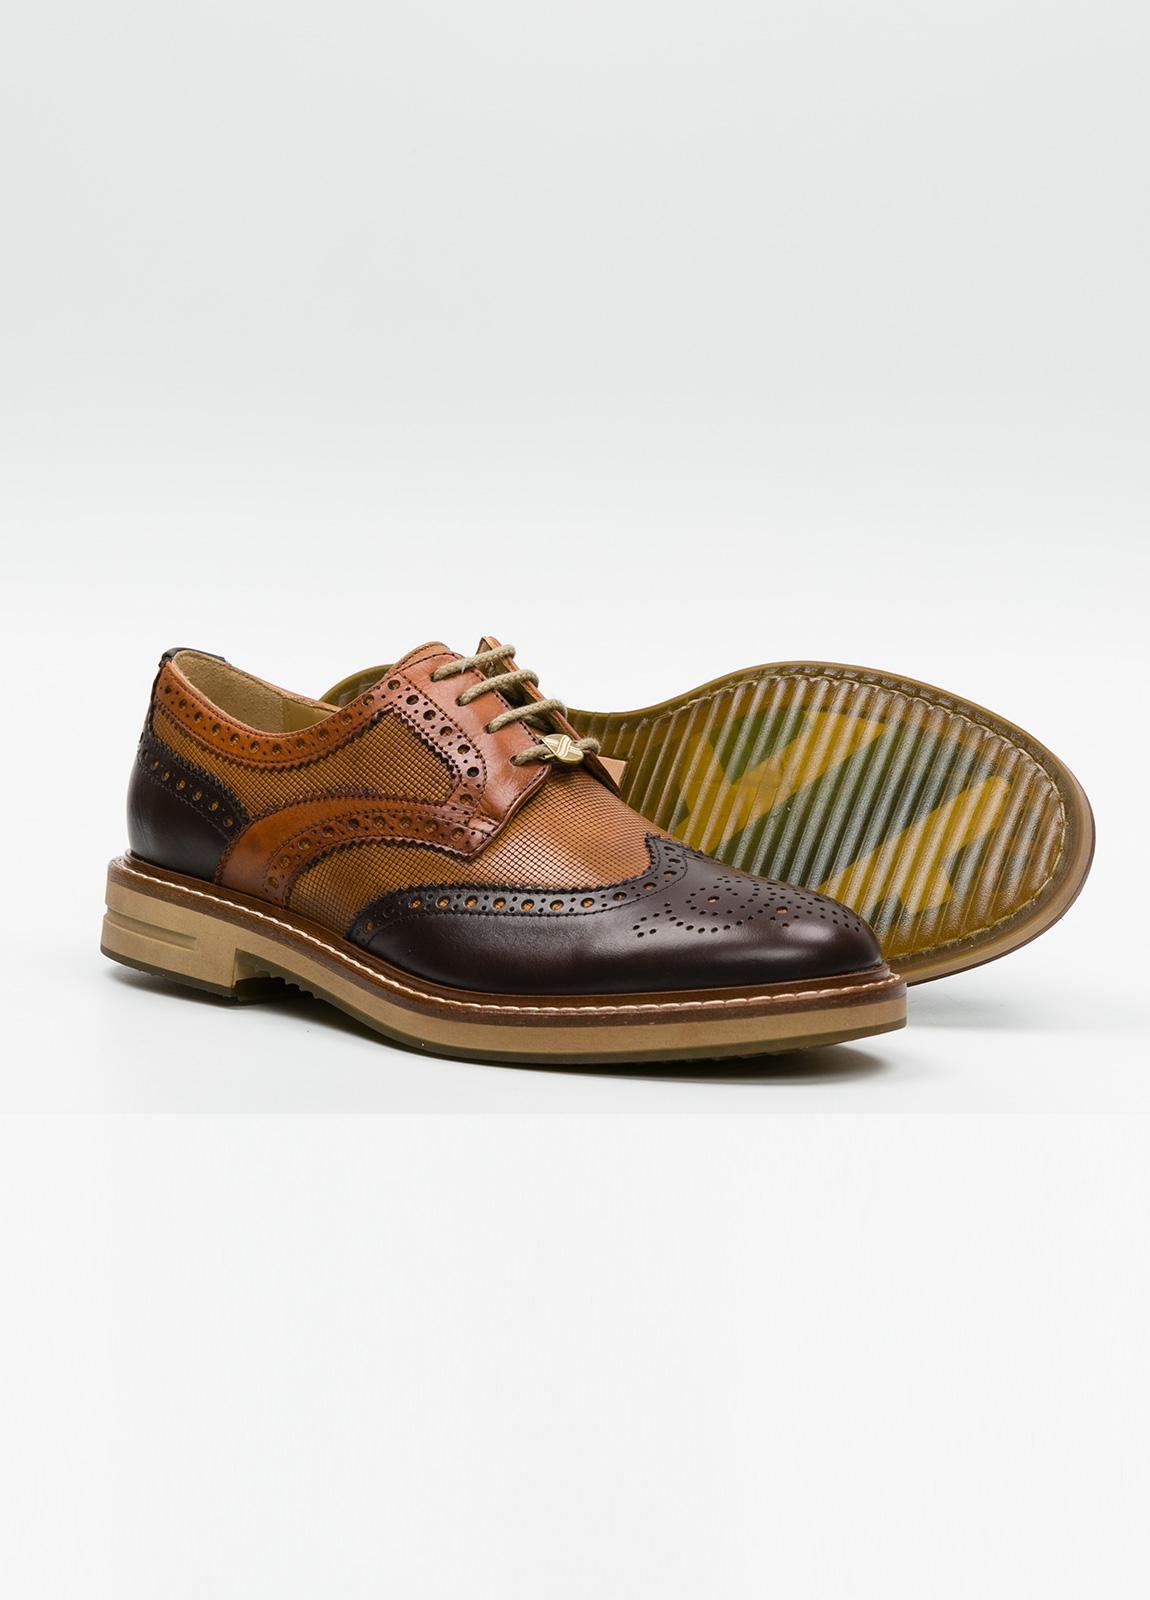 Zapato Formal Wear con cordones con detalles troquelados y combinación de piel lisa color marrón y piel grabada color cognac. 100% piel. - Ítem3